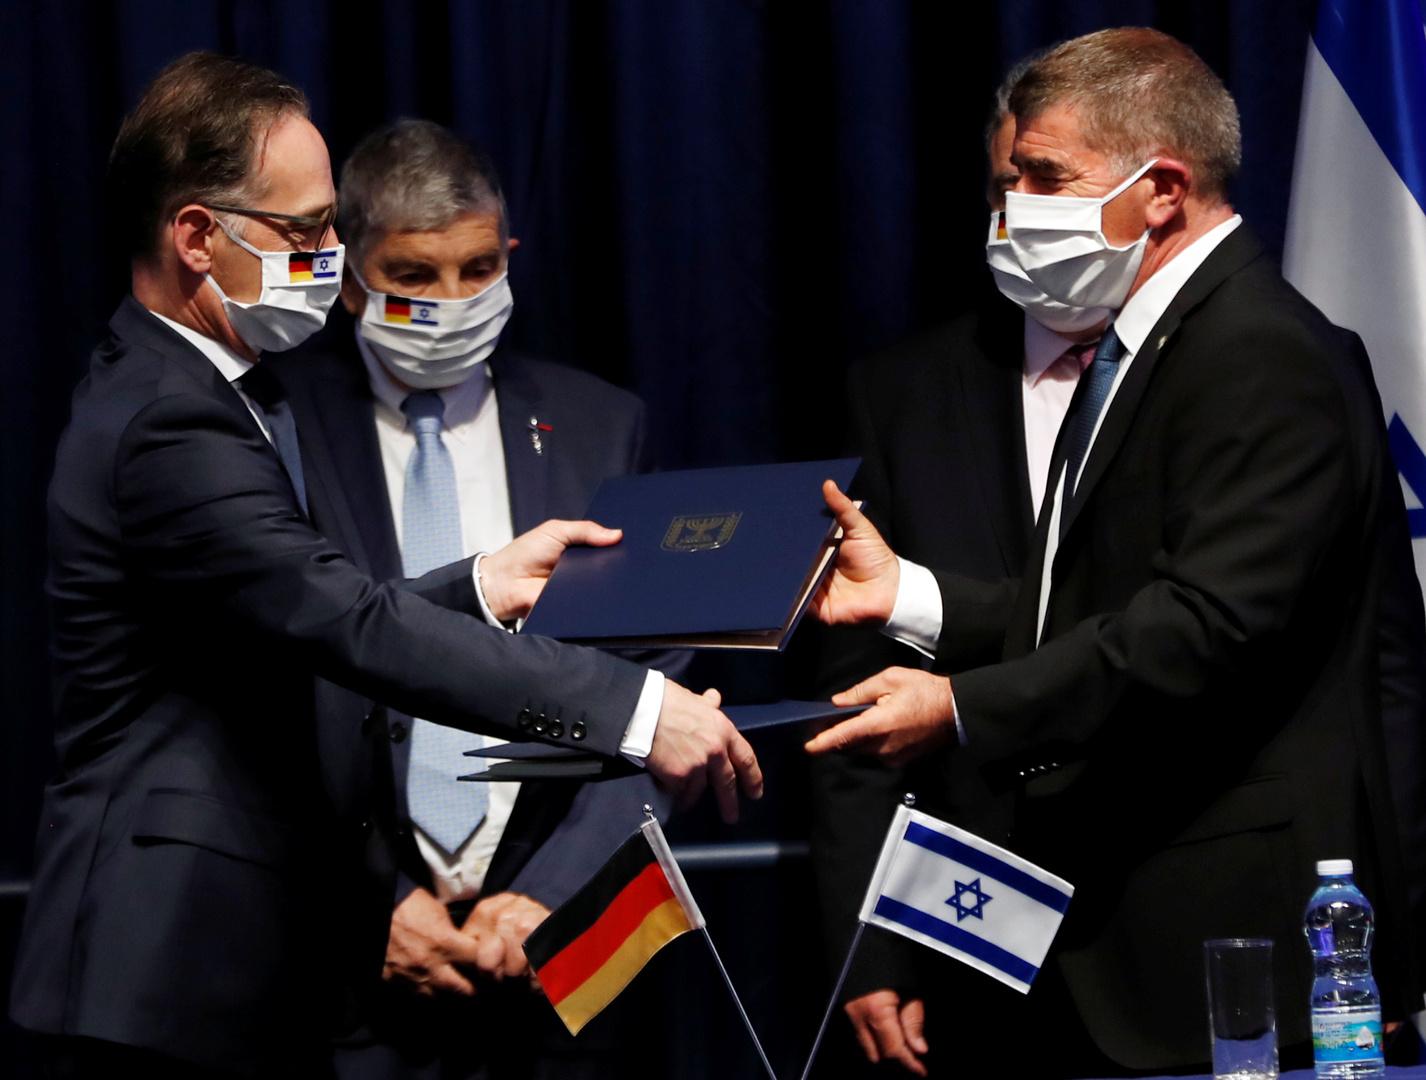 إسرائيل تطمئن ألمانيا: سنطبق خطة ترامب بمسؤولية وبالحوار مع جيراننا